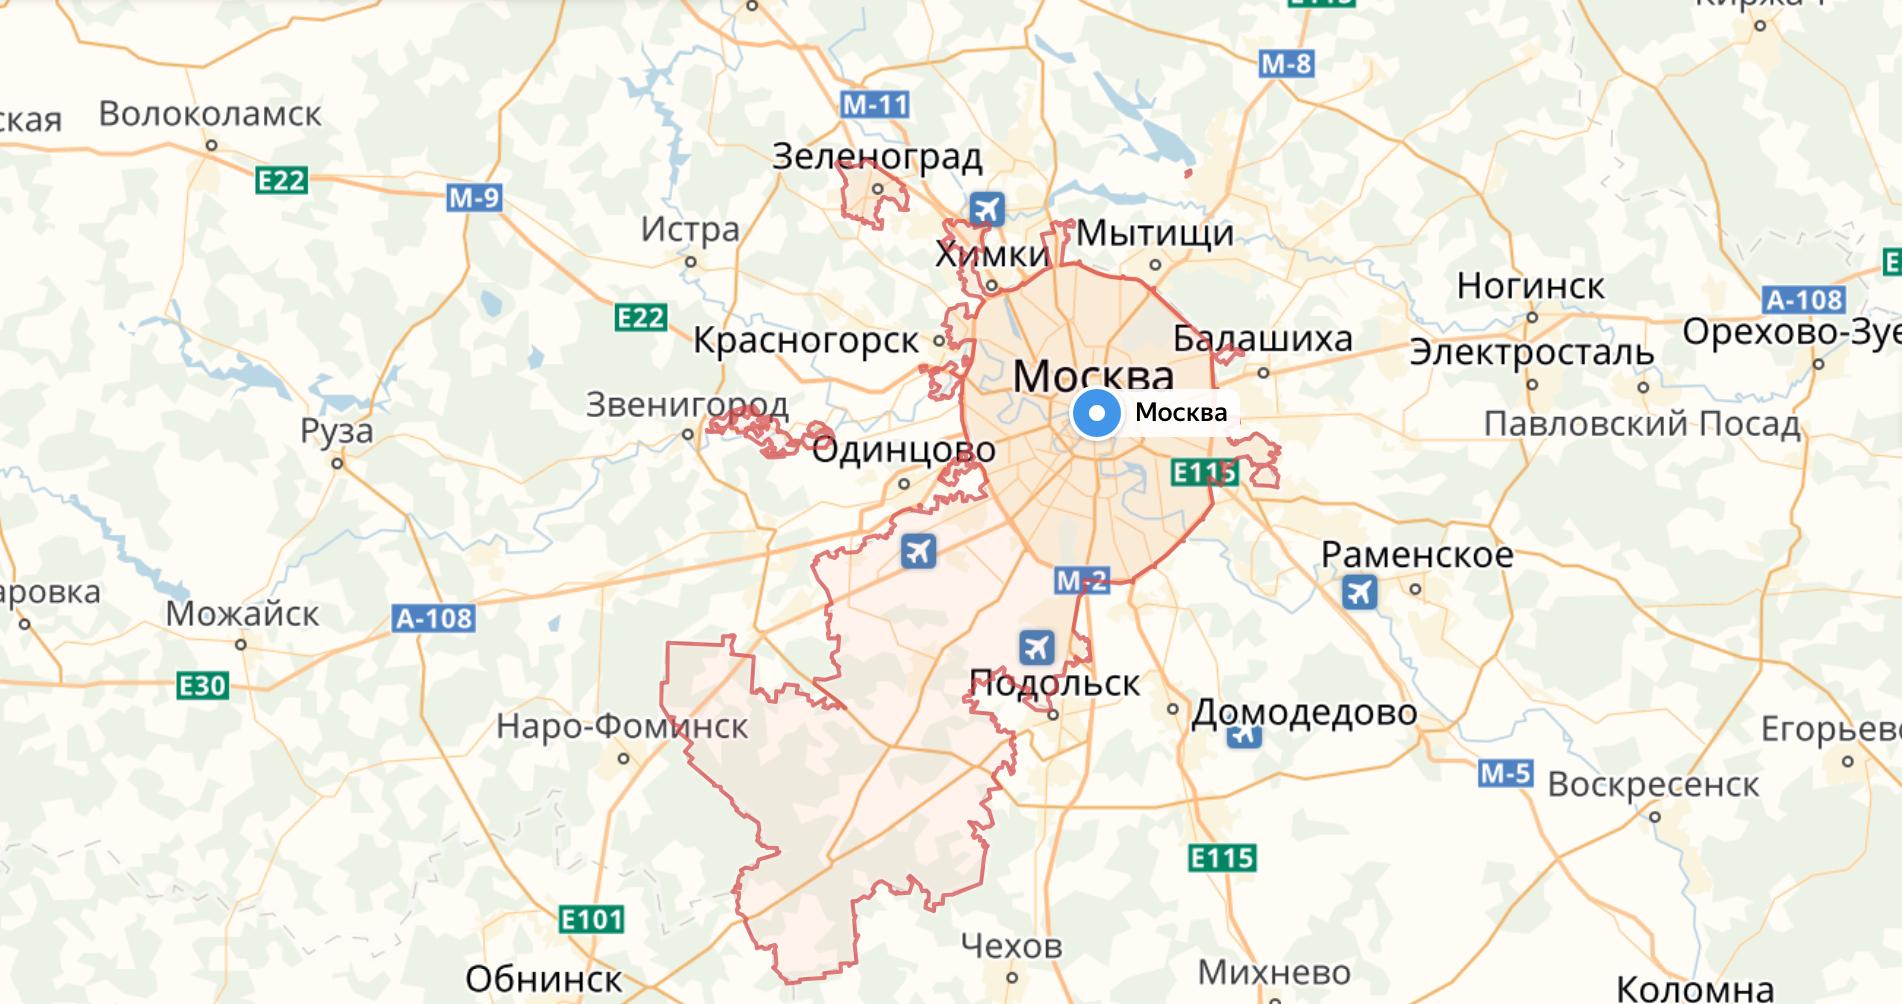 Установка антенн в Новой Москве и Московской области